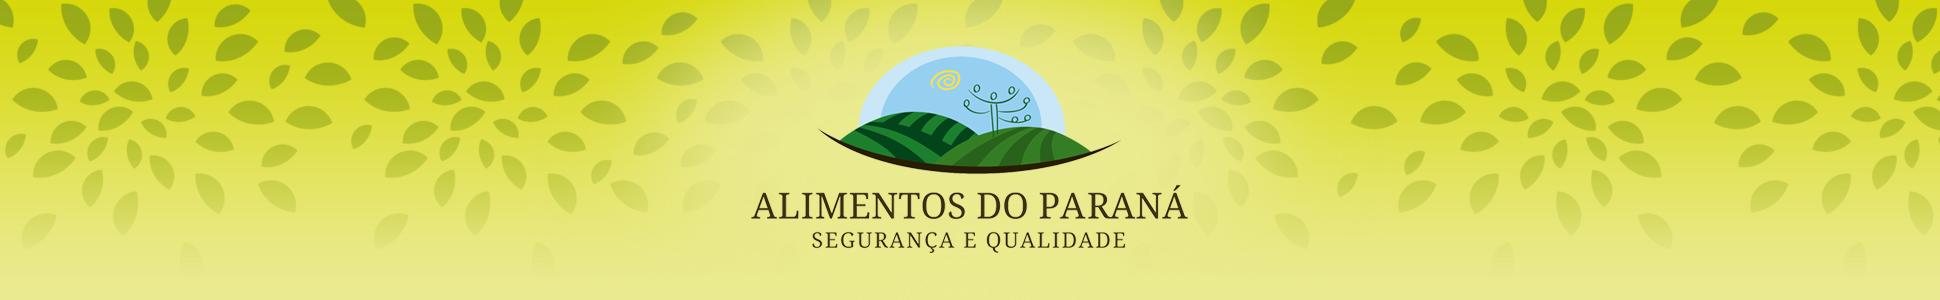 Alimentos do Paraná